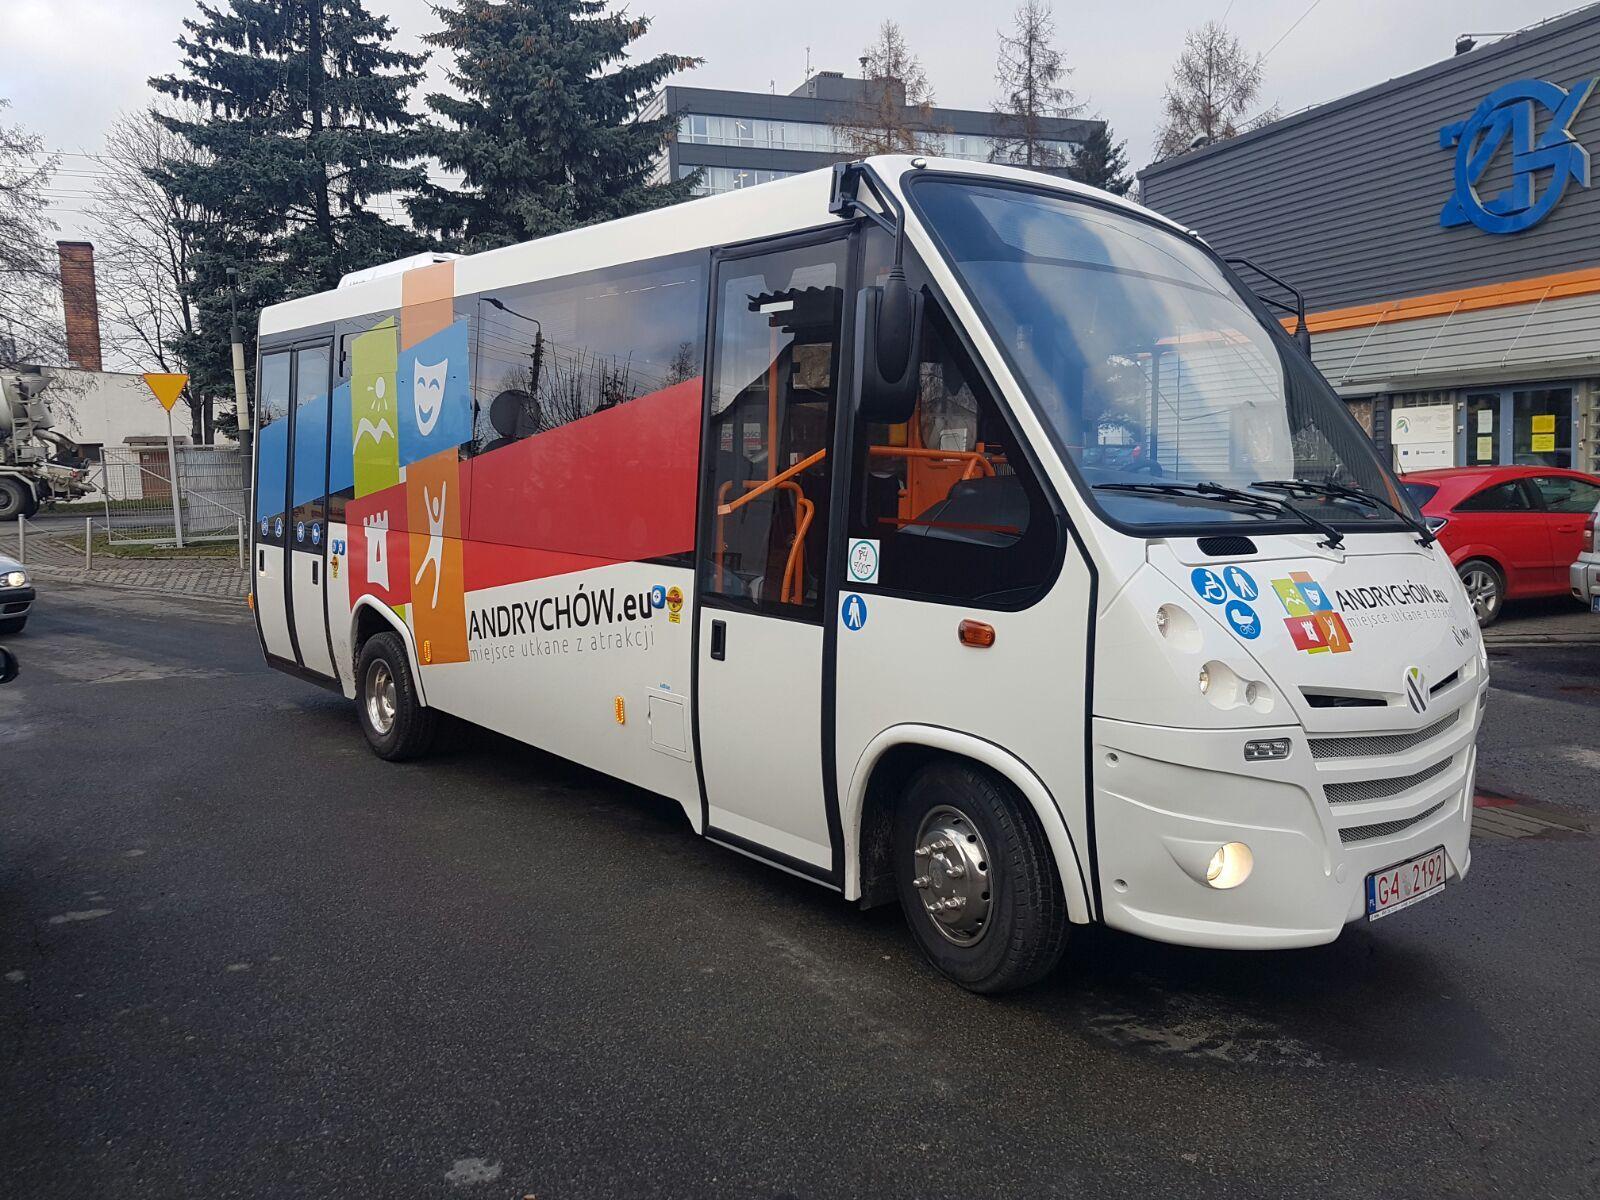 Od 20 lipca zmiana rozkładu jazdy autobusów w gminie Andrychów